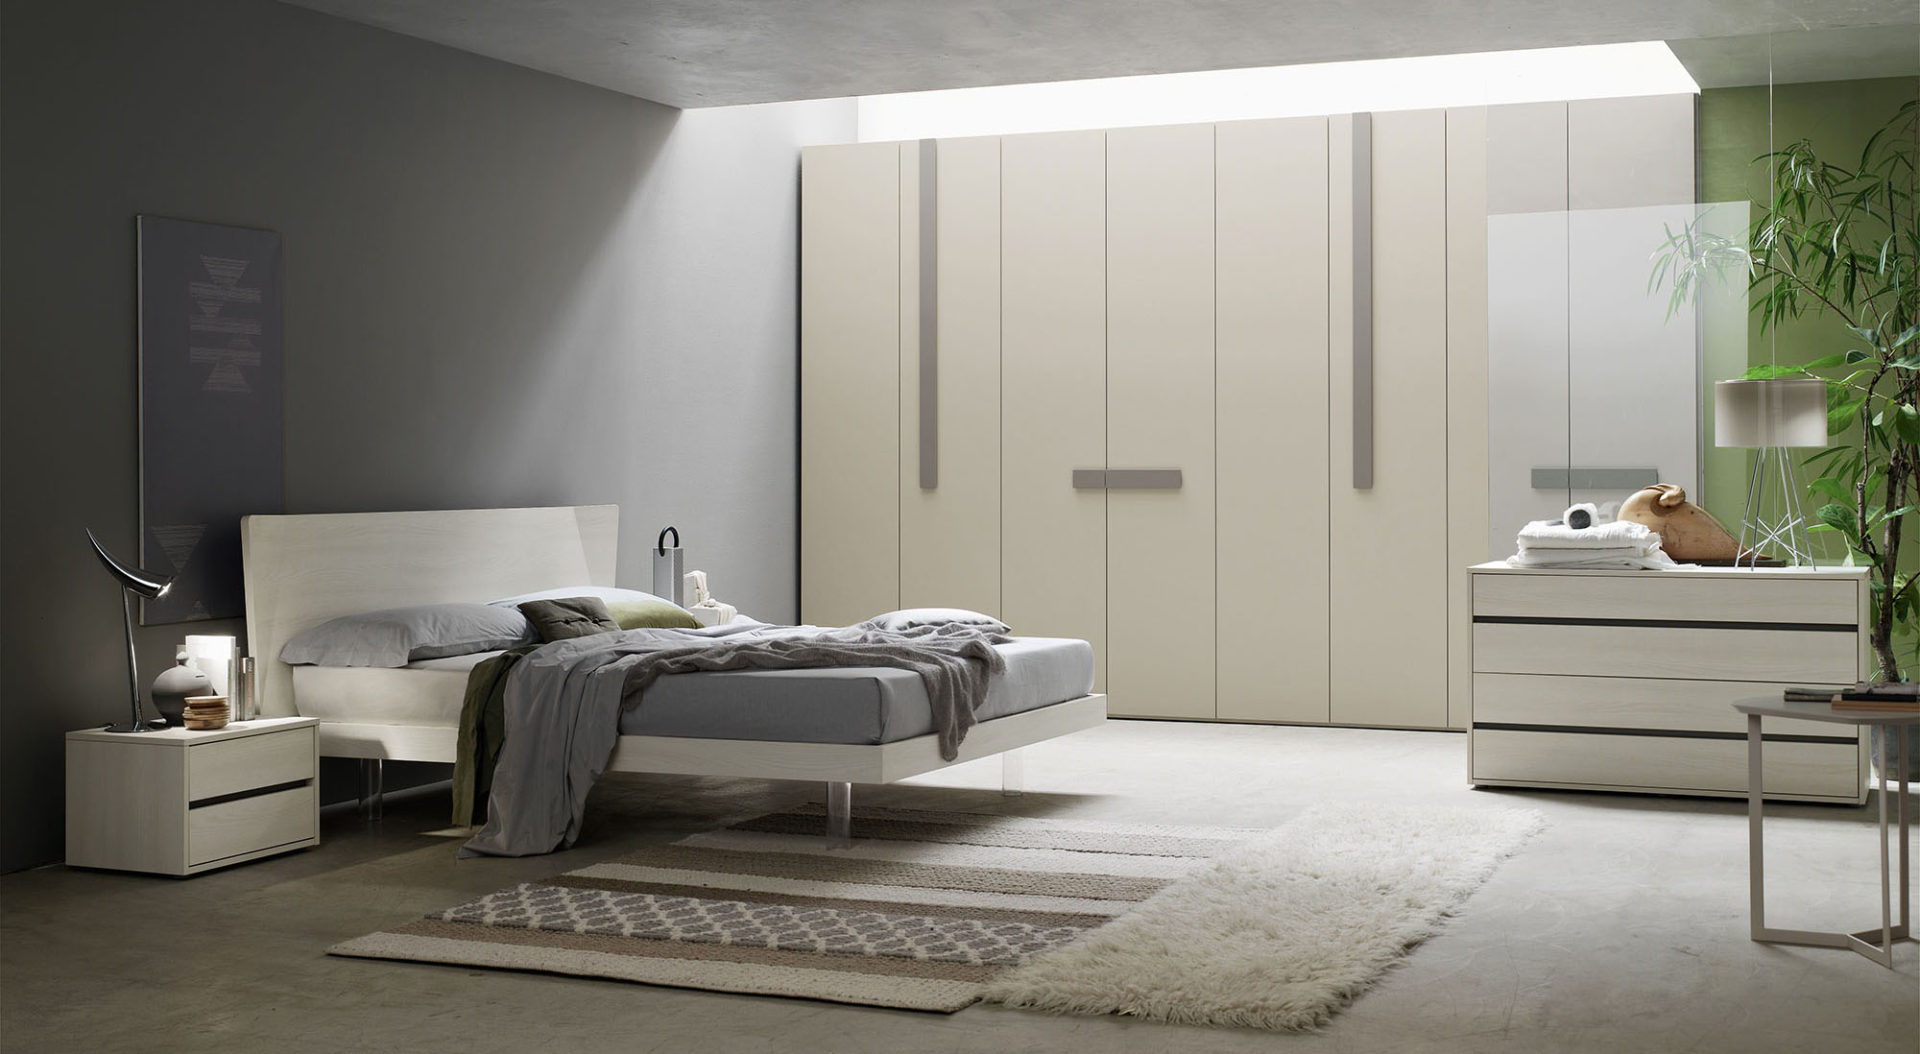 Letto skadi letti in legno programma notte orme for Arredamento camera da letto design